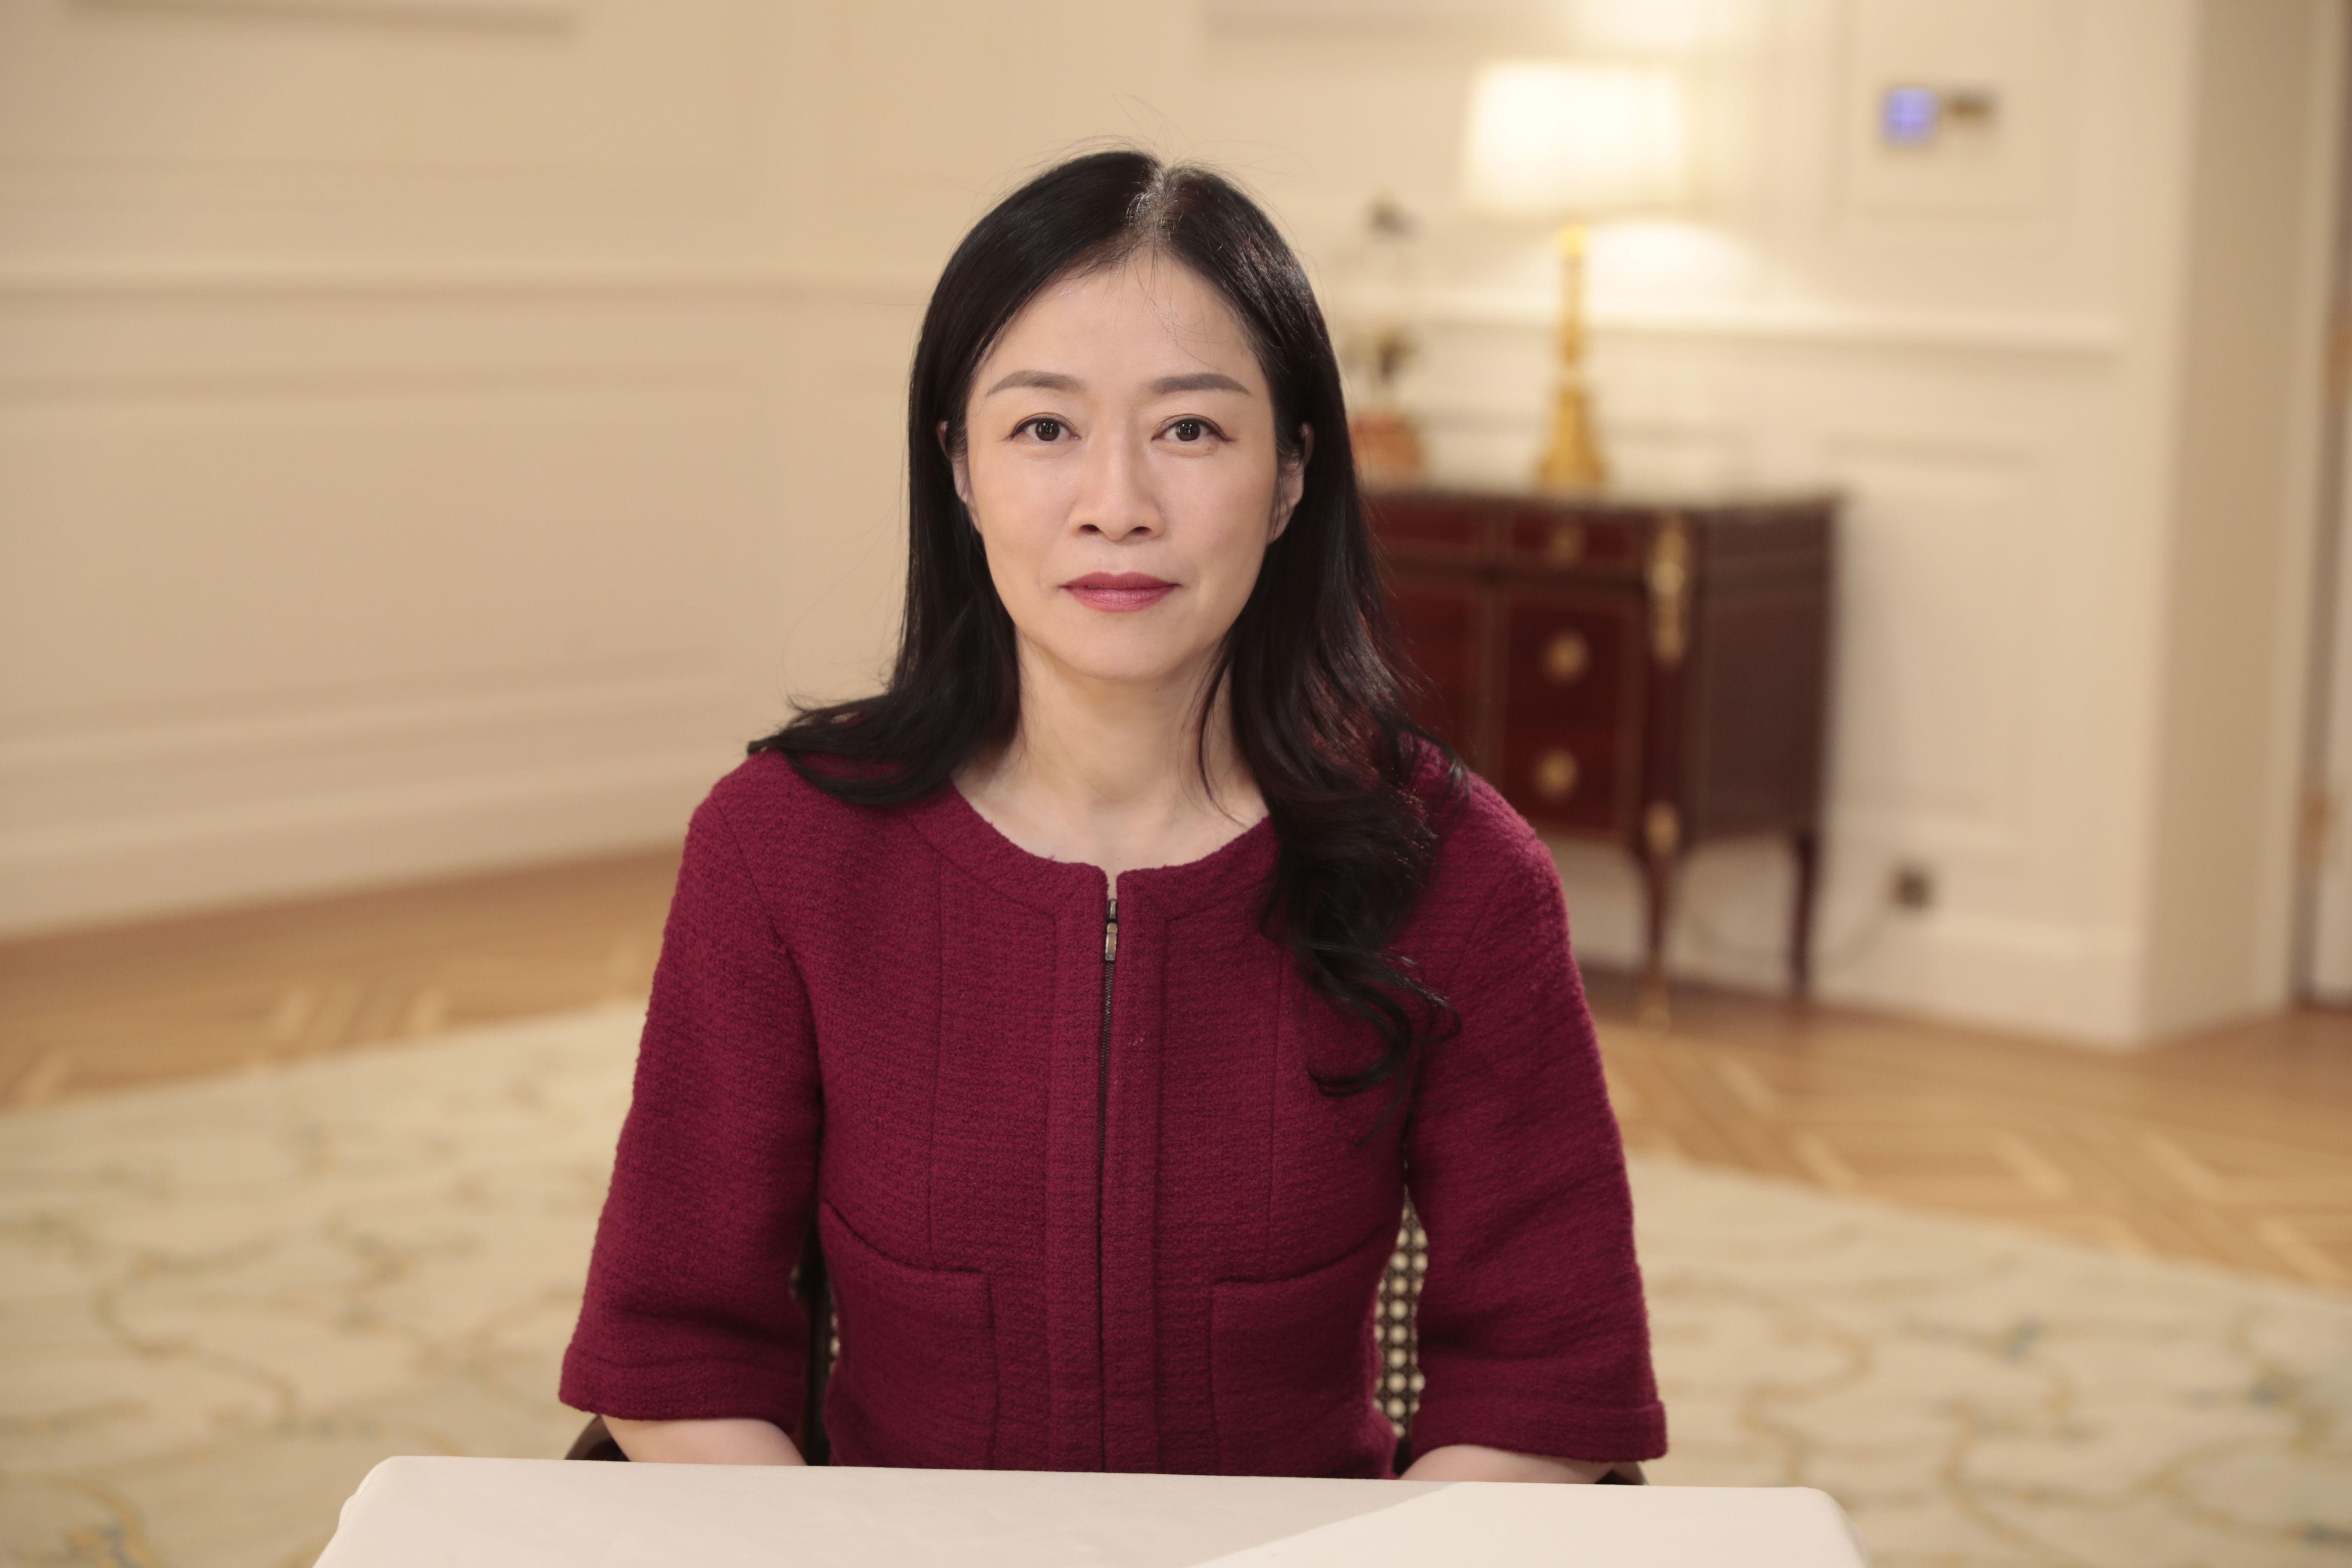 陈华伟·李芳:相信科技的力量